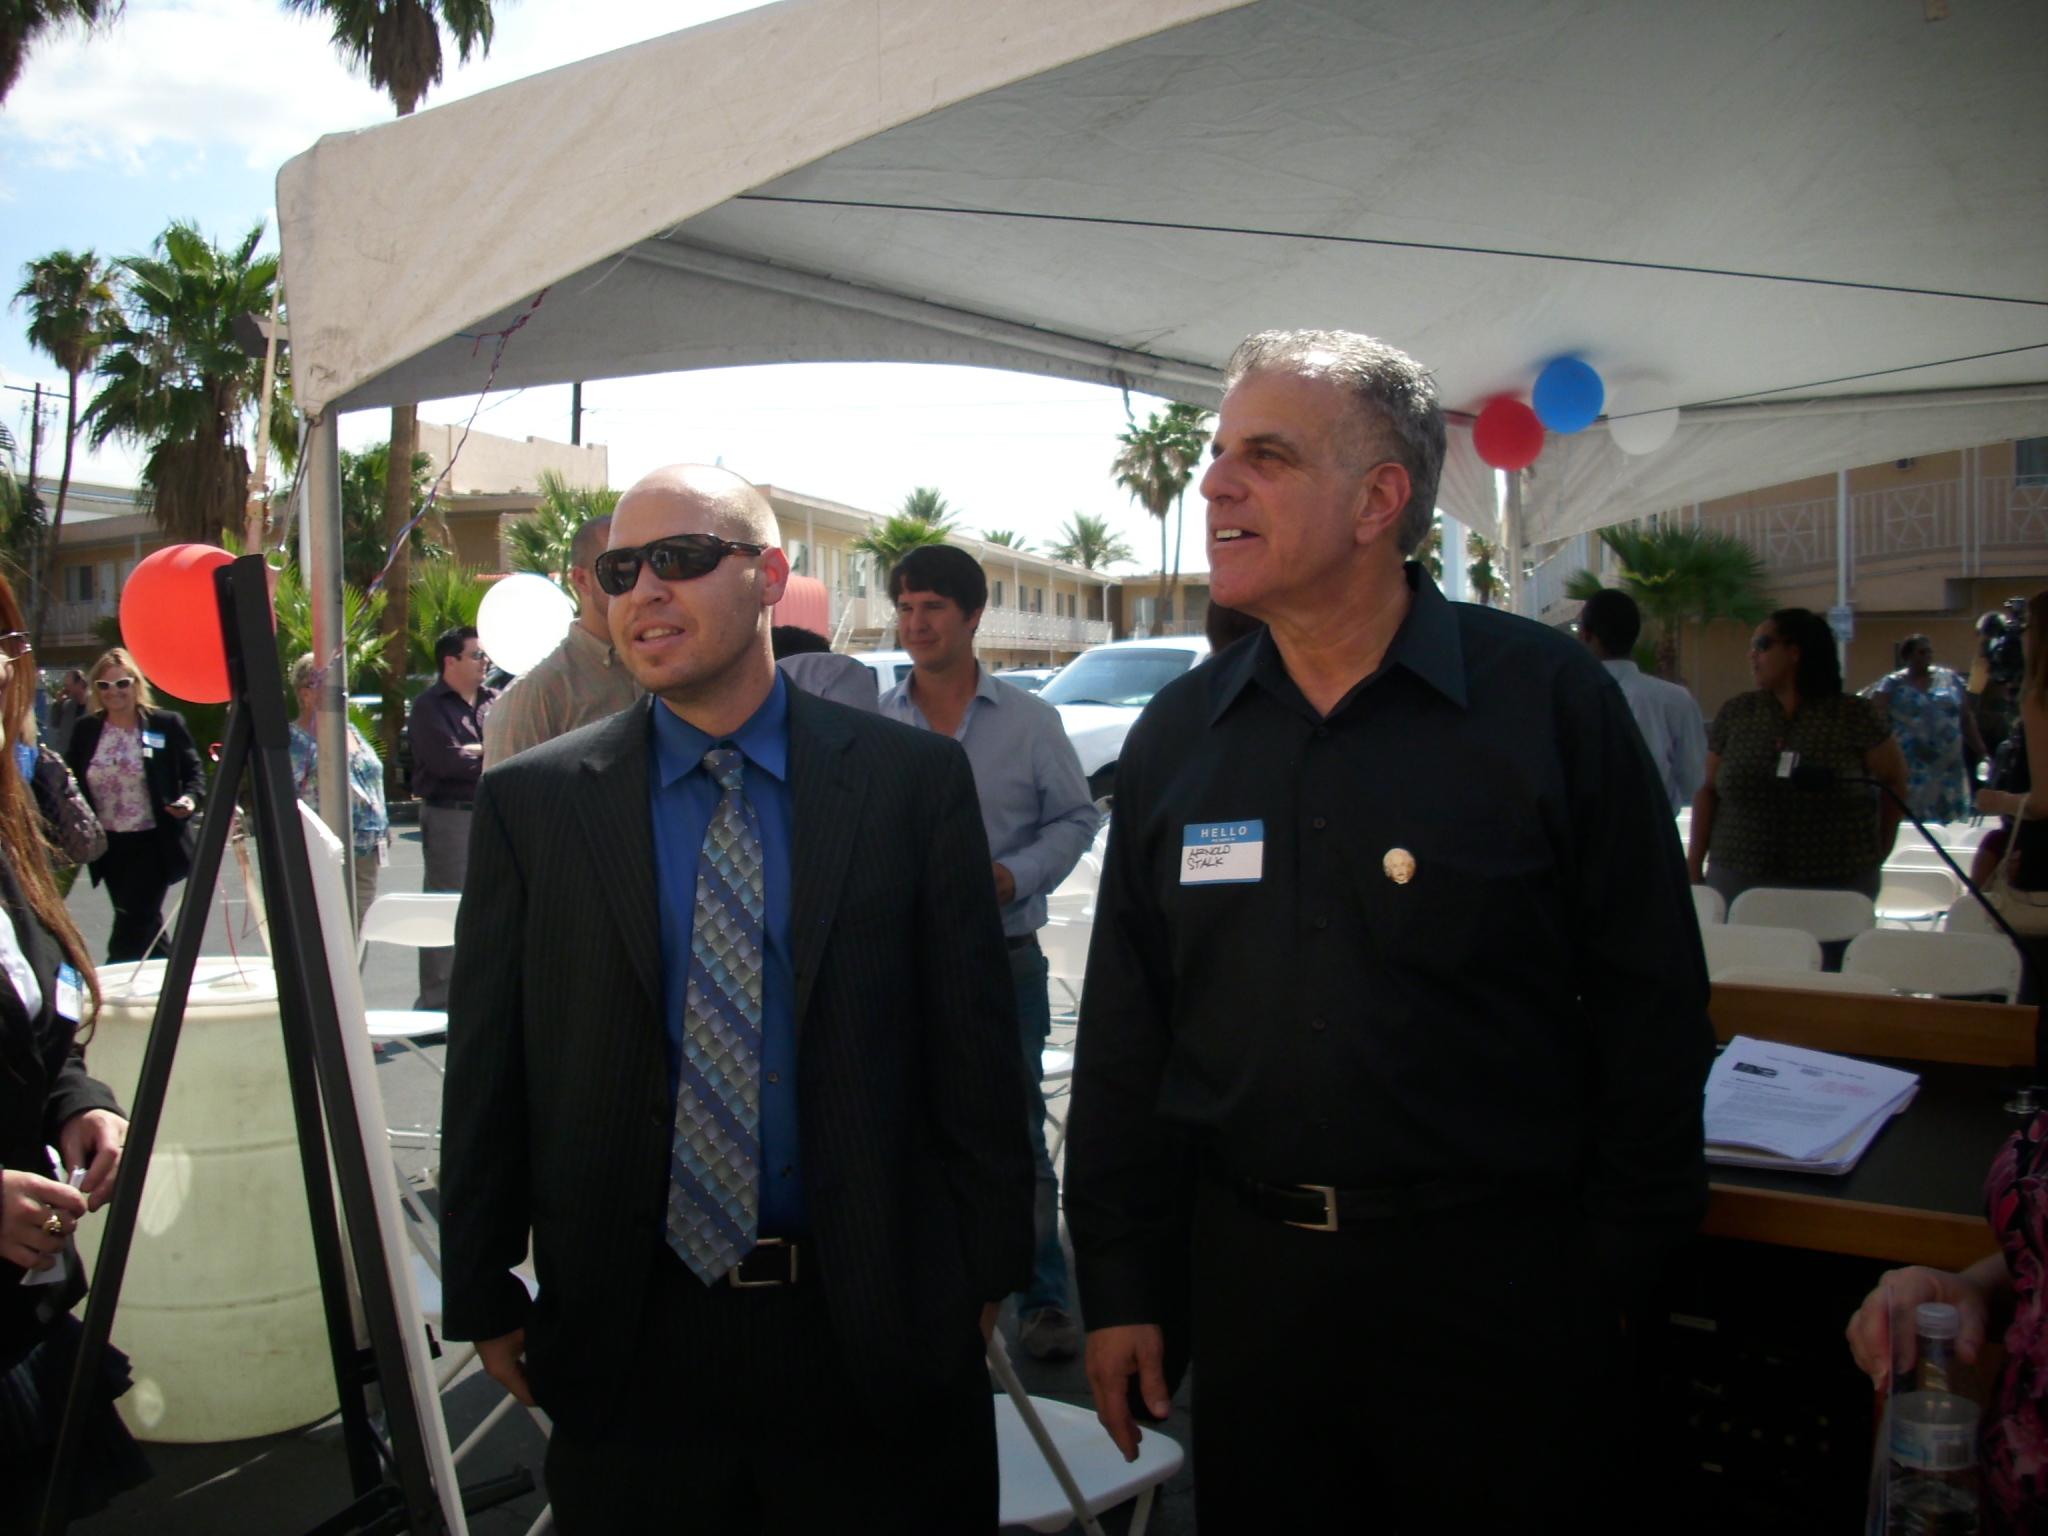 Dr. Arnold Stalk and Zachary Delbex from Repurpose America